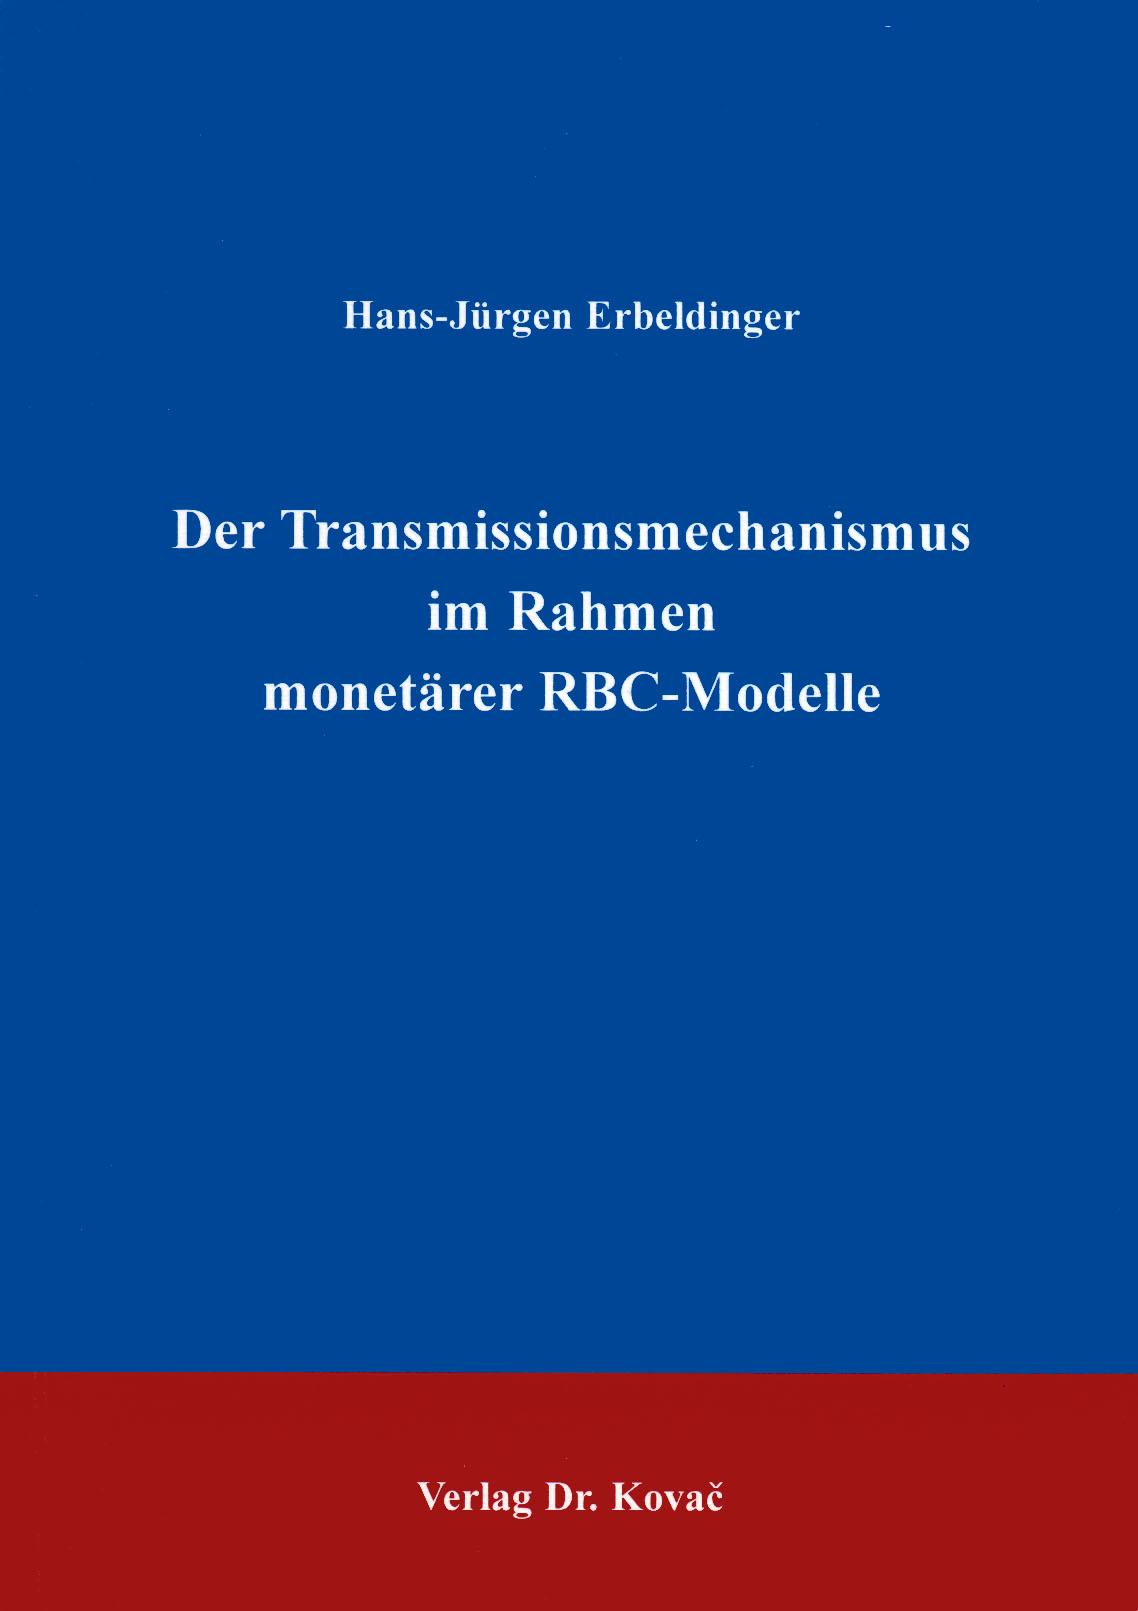 Cover: Der Transmissionsmechanismus im Rahmen monetärer RBC-Modelle